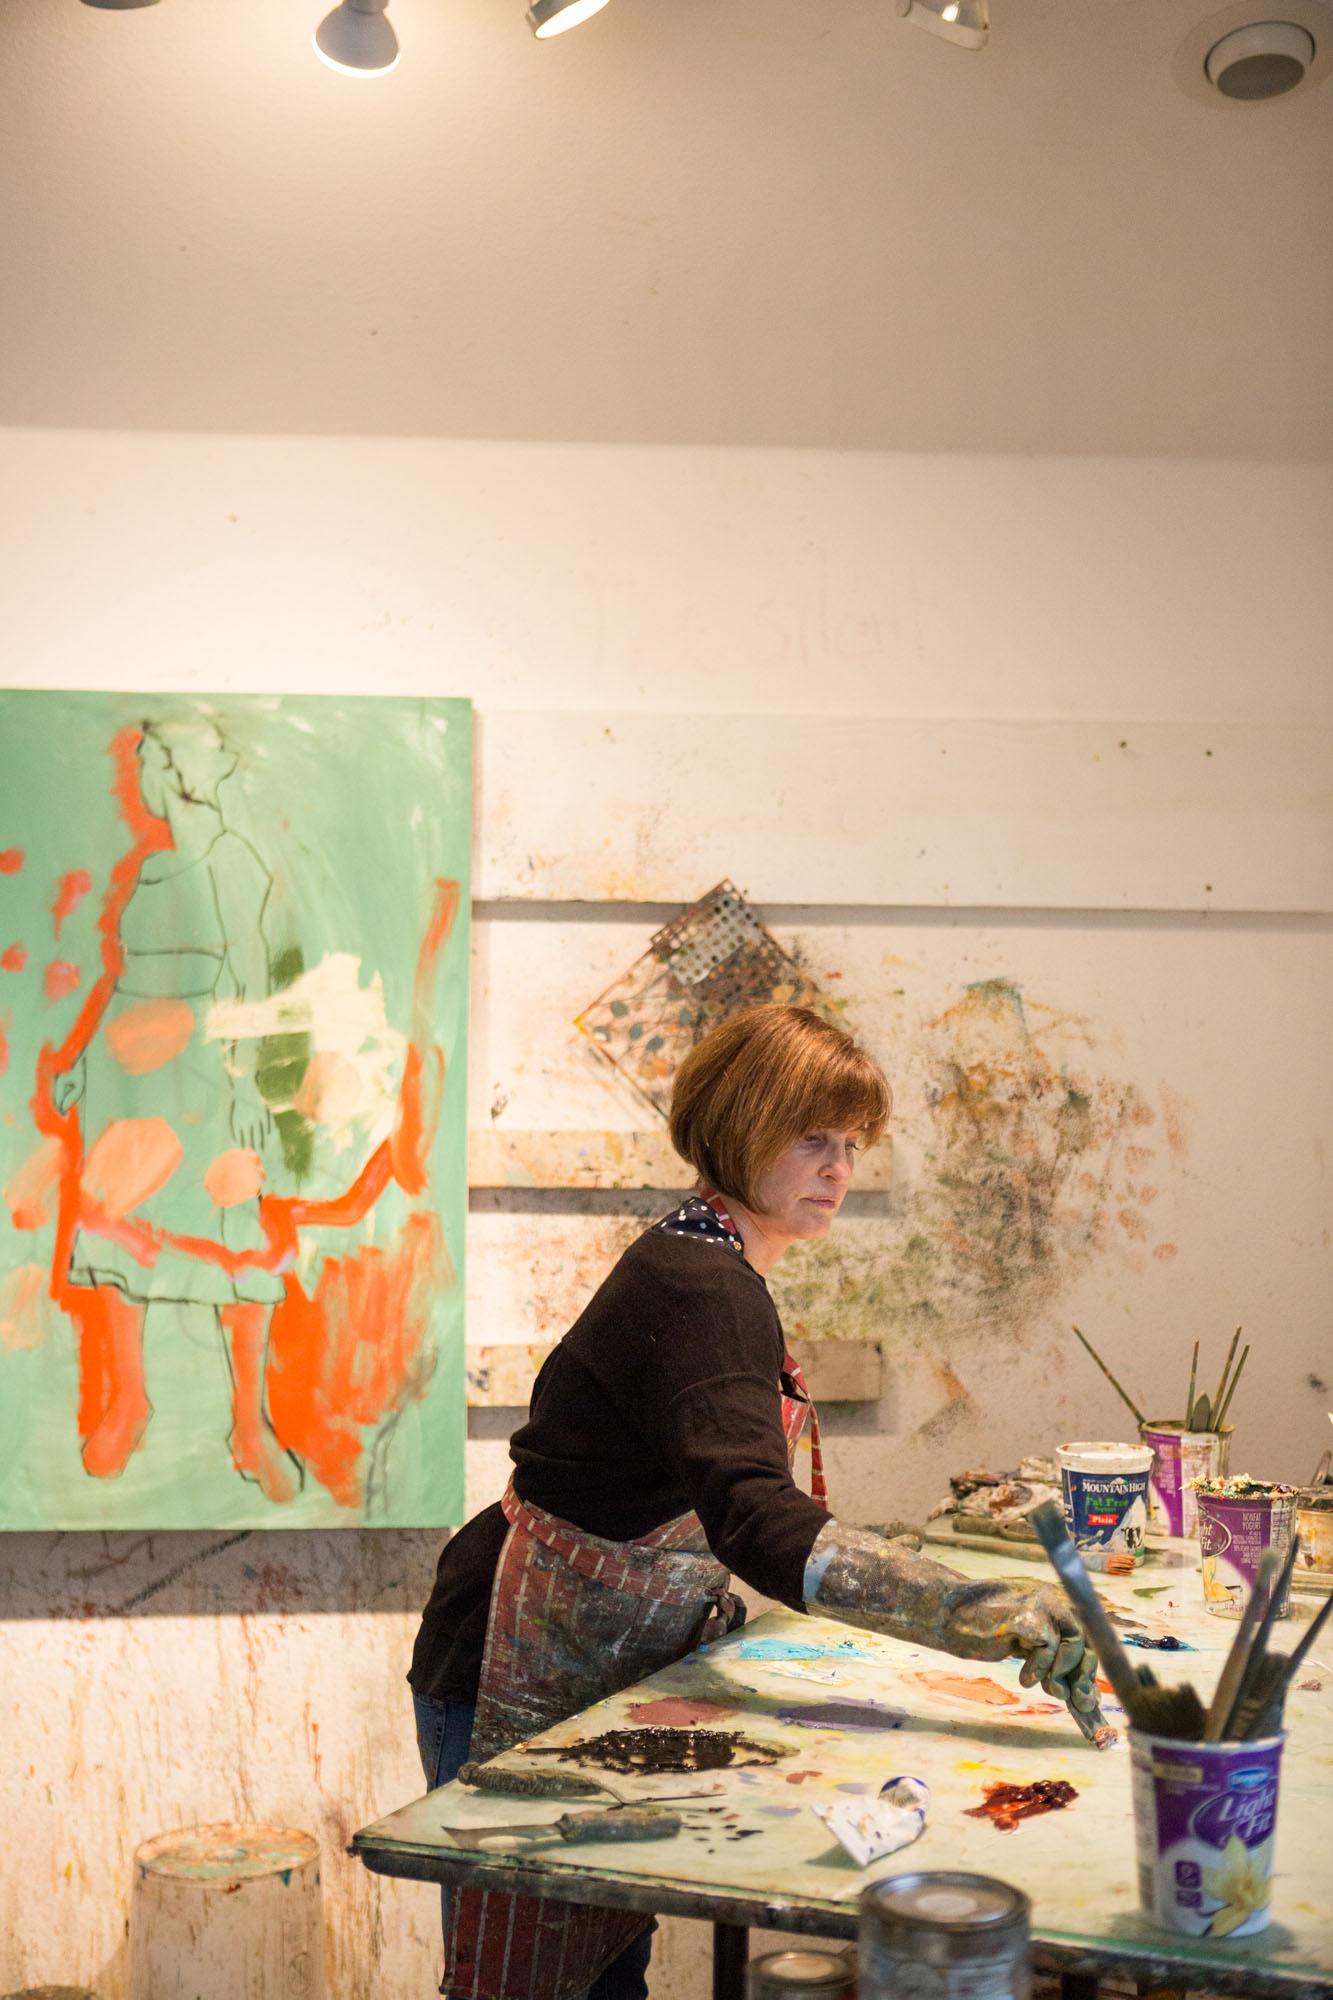 Linda-Christensen-artist-studio-branding-photos-oil-painter06.jpg